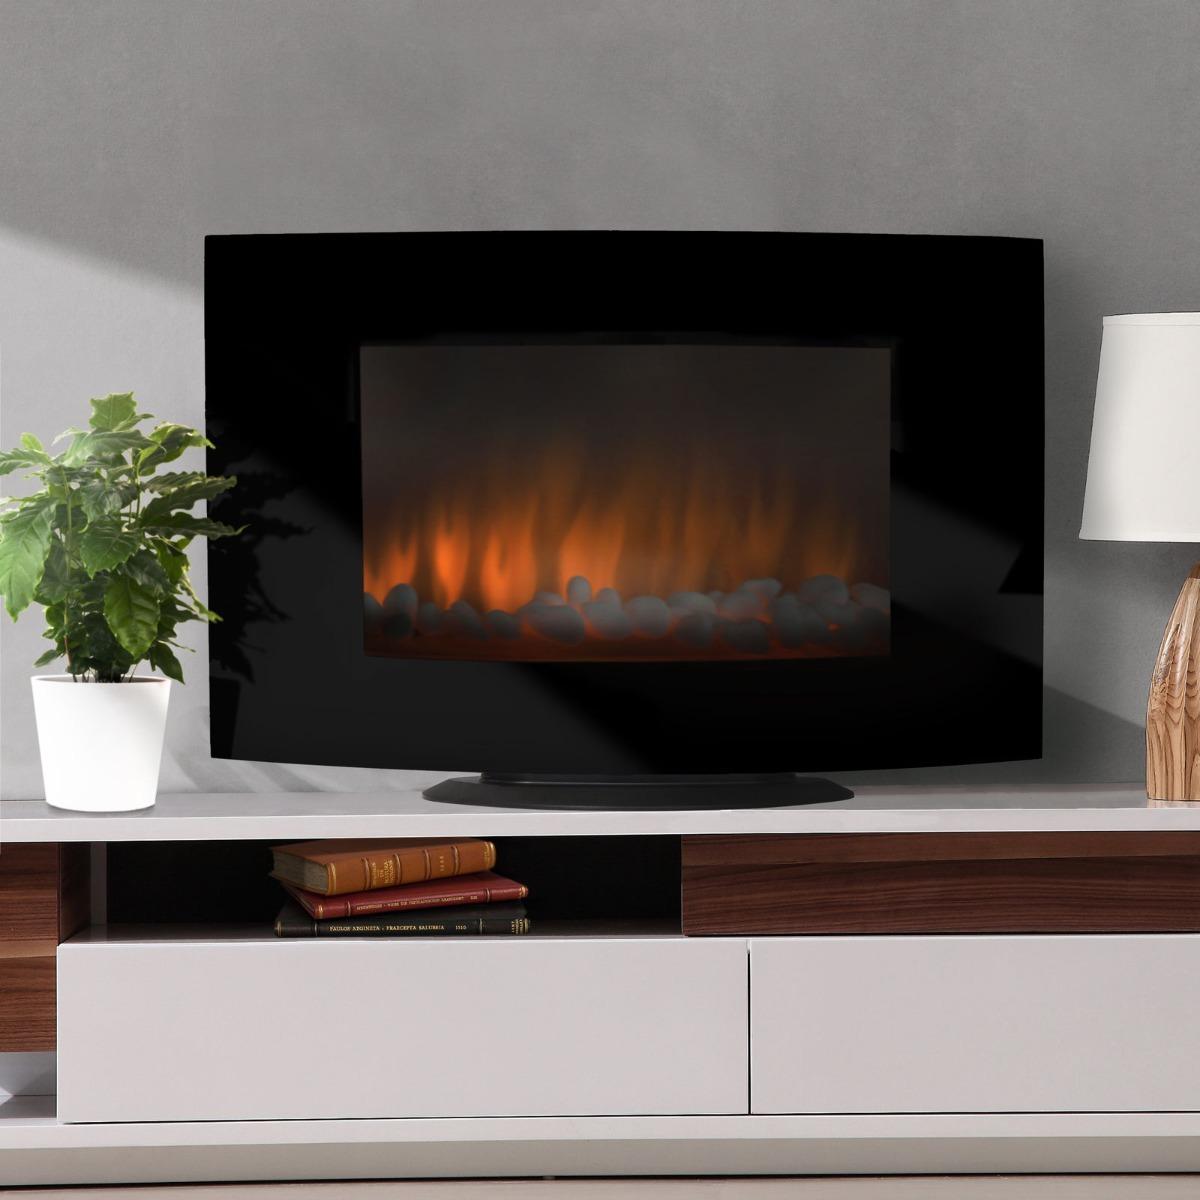 Chimenea electric de pared de pie ajustble 1500 w glass xl - Chimenea de pared ...